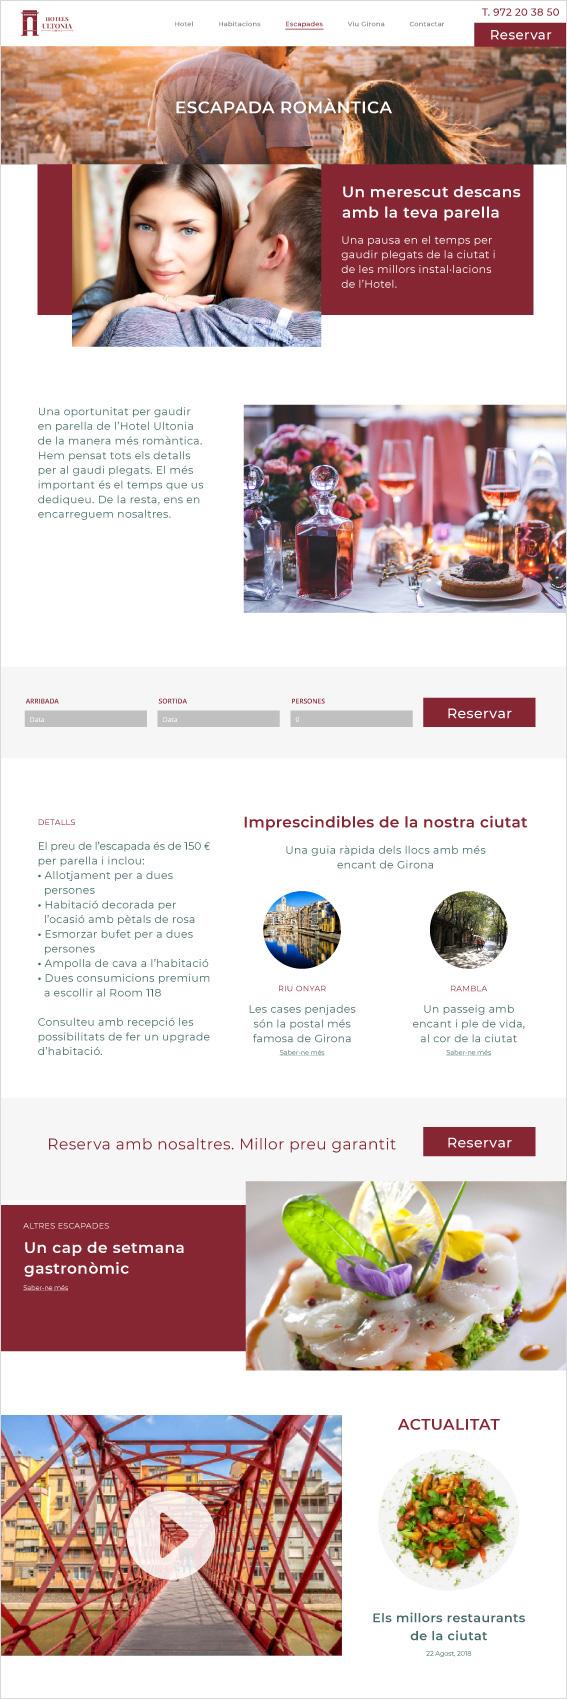 web d'hotel a la pàgina de promocions per parelles romàntiques amb guia i actualitat